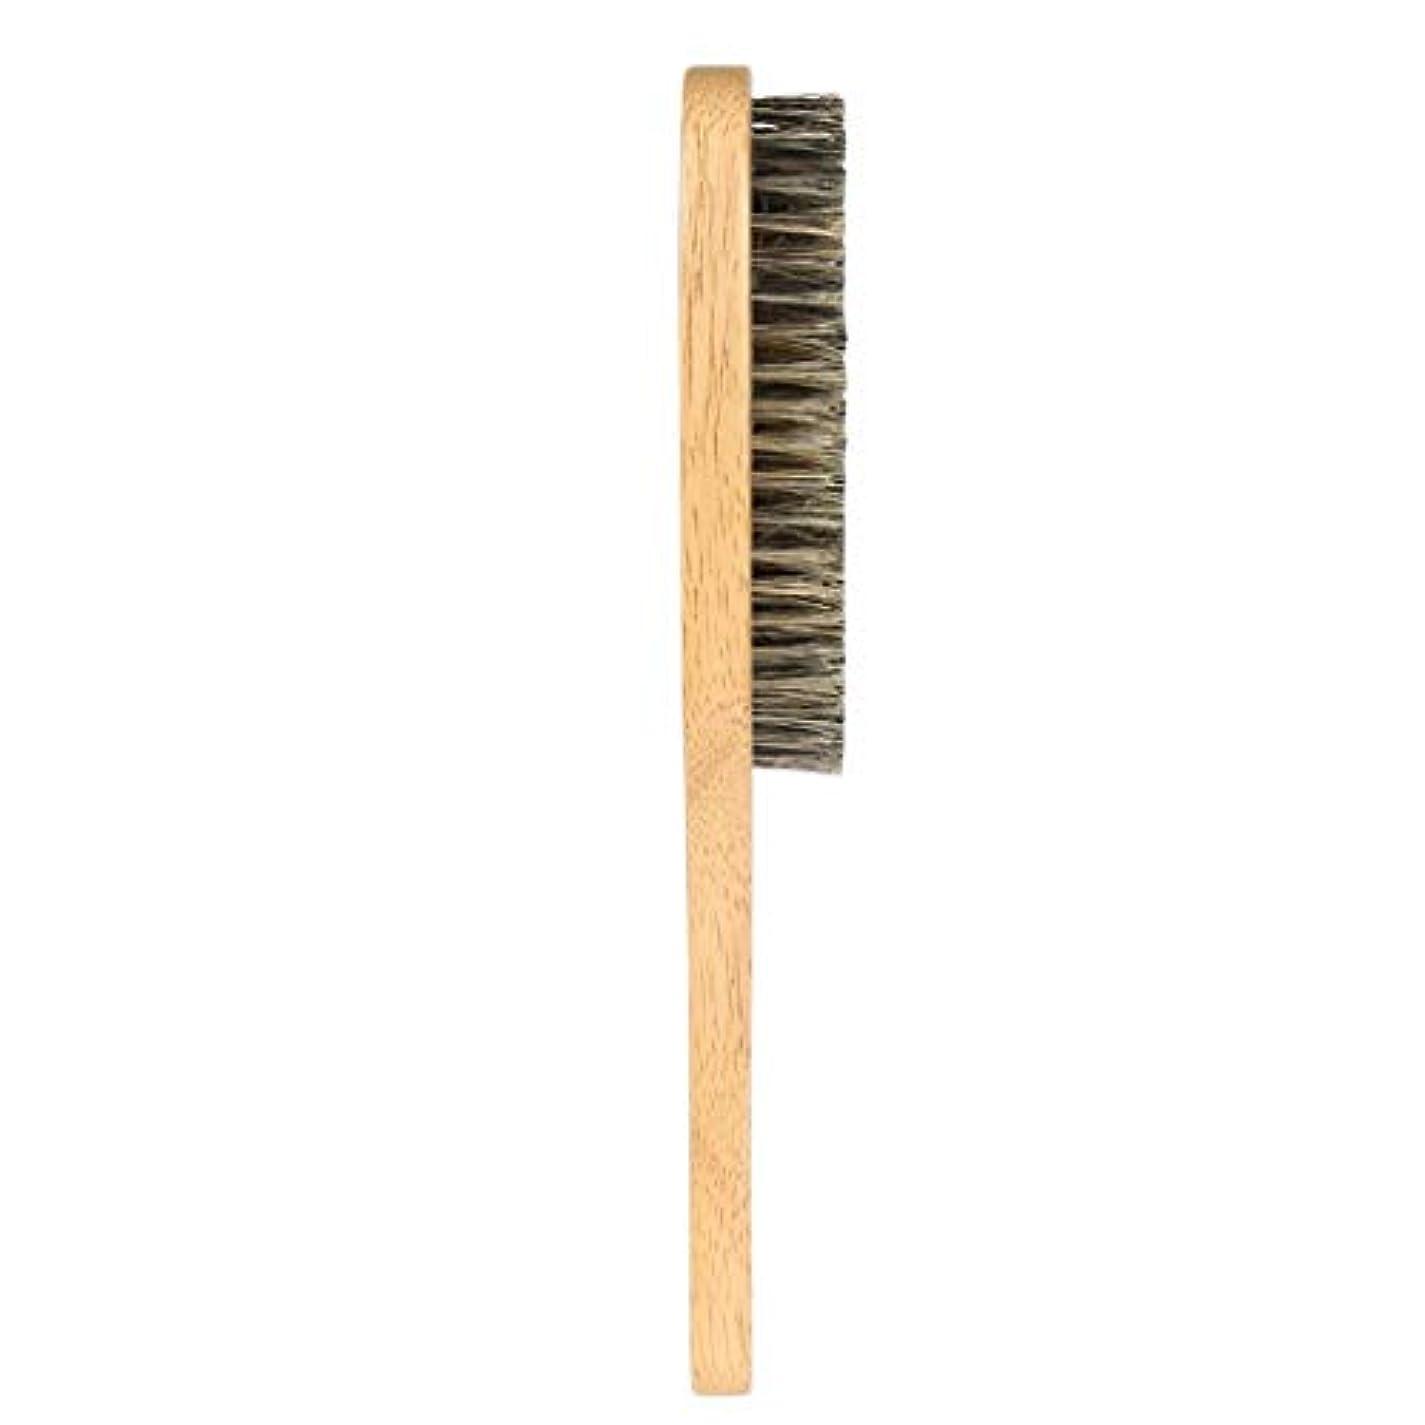 誰のかなりの支給Toygogo 男性合成繊維ひげ口ひげブラシ顔毛シェービングブラシw/ハンドル